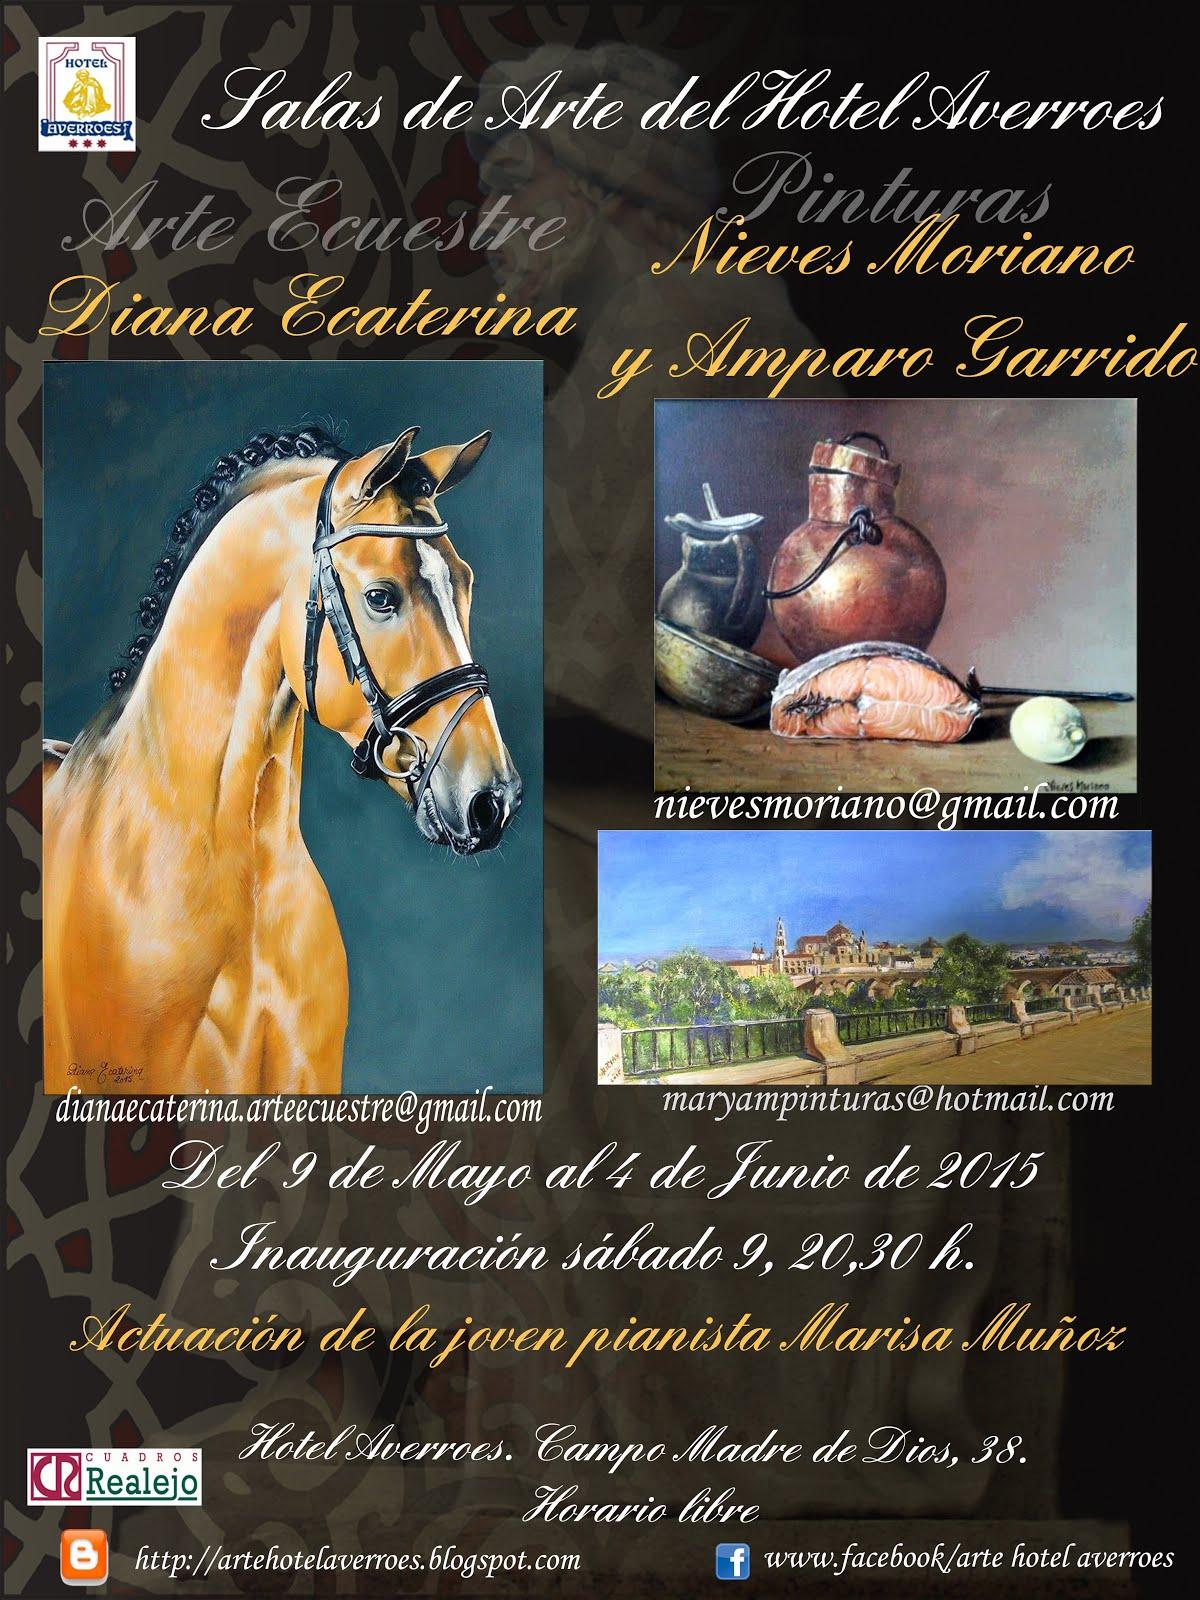 Mayo: Diana Ecaterian Arte Ecuestre (Sala peuqeña) y Nieves Moriano y Amparo Garrido (sala Grande)